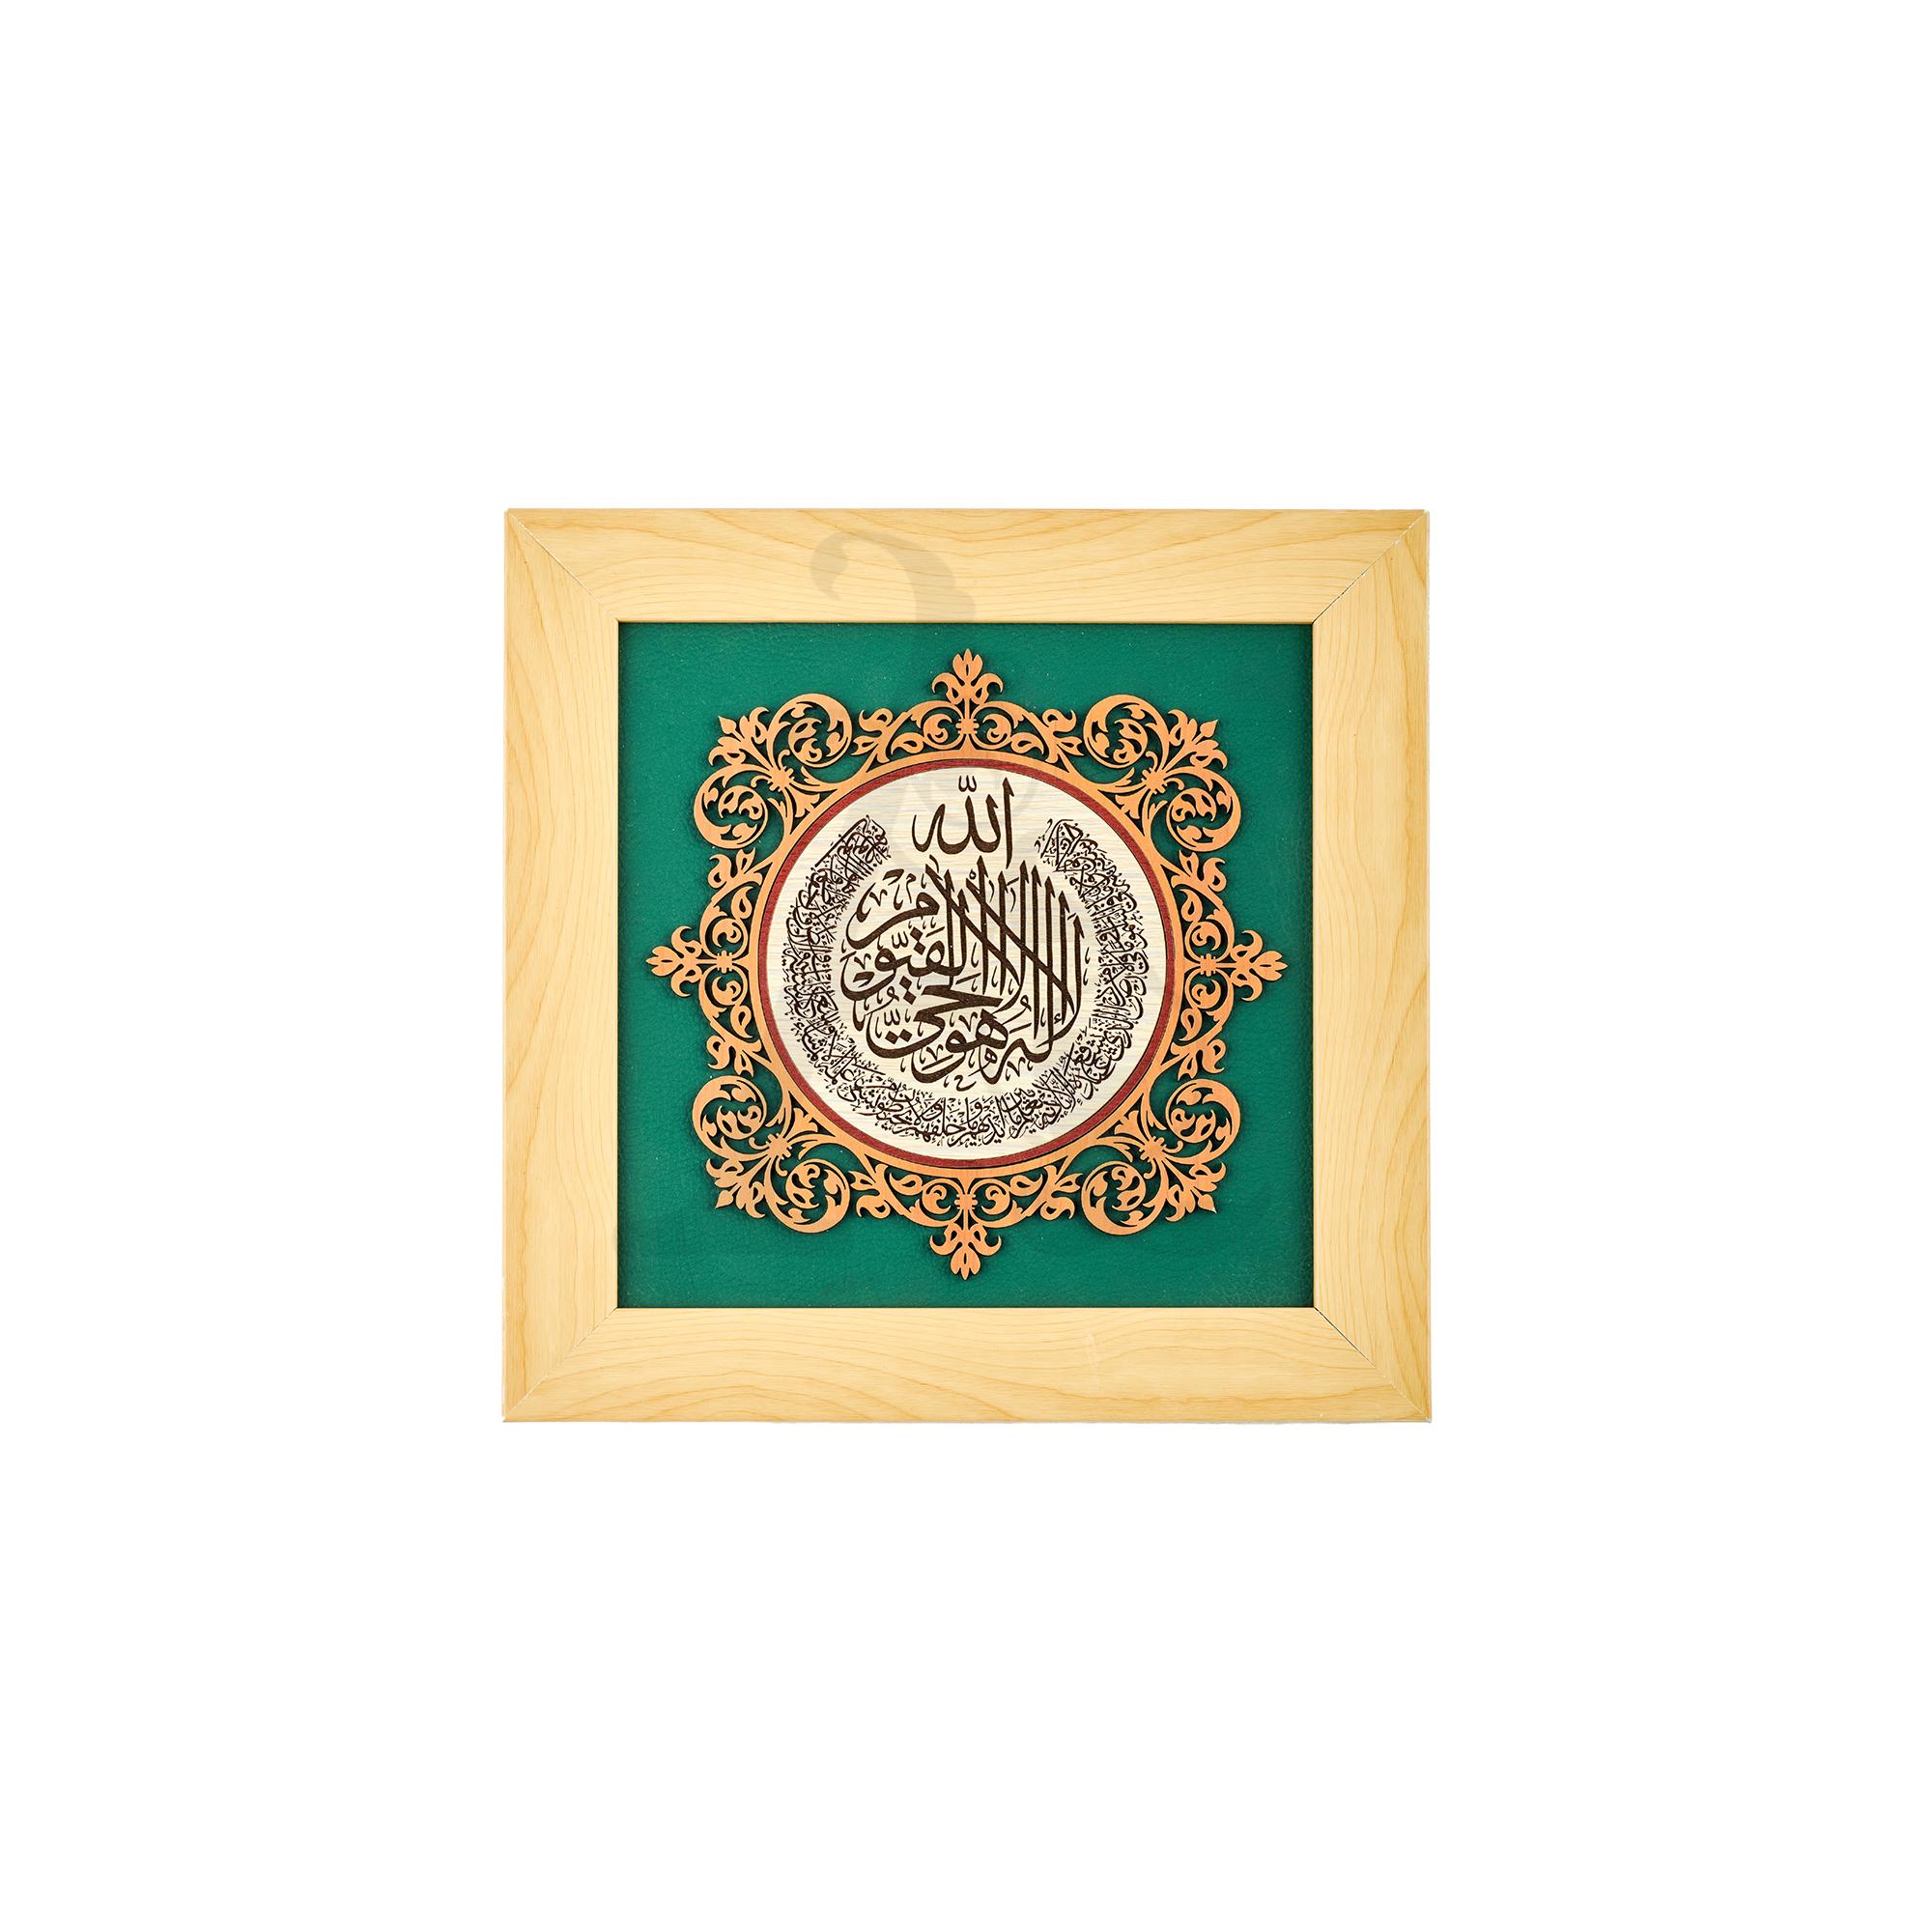 Buy Ramadan Beige Wooden Frame